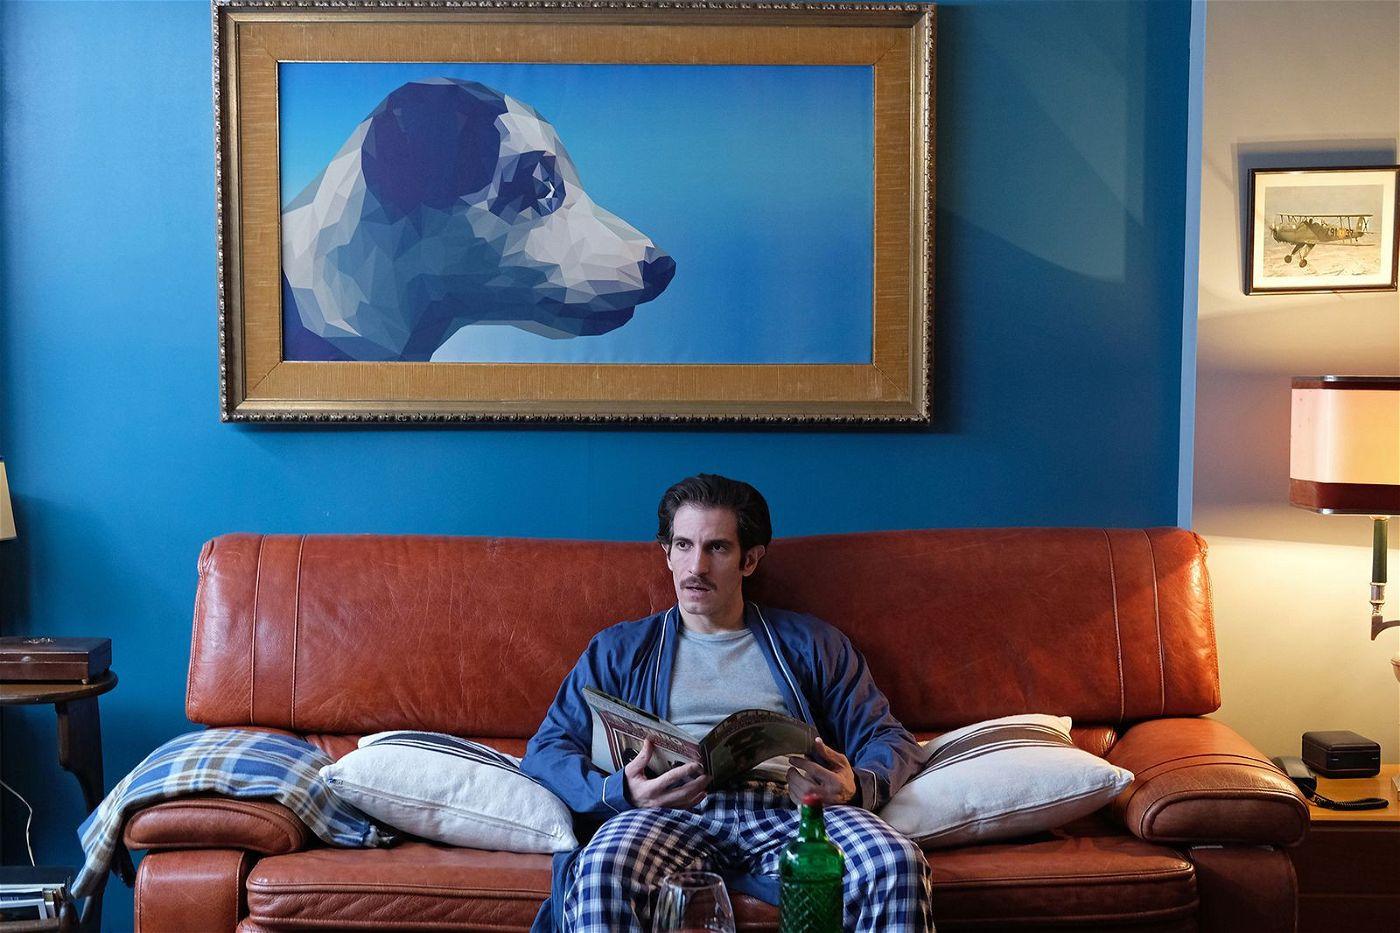 Emilio (Quim Gutiérrez) ist von Hunden so sehr fasziniert, dass er auch seine Freundin zwingt, sich wie ein Tier zu benehmen.